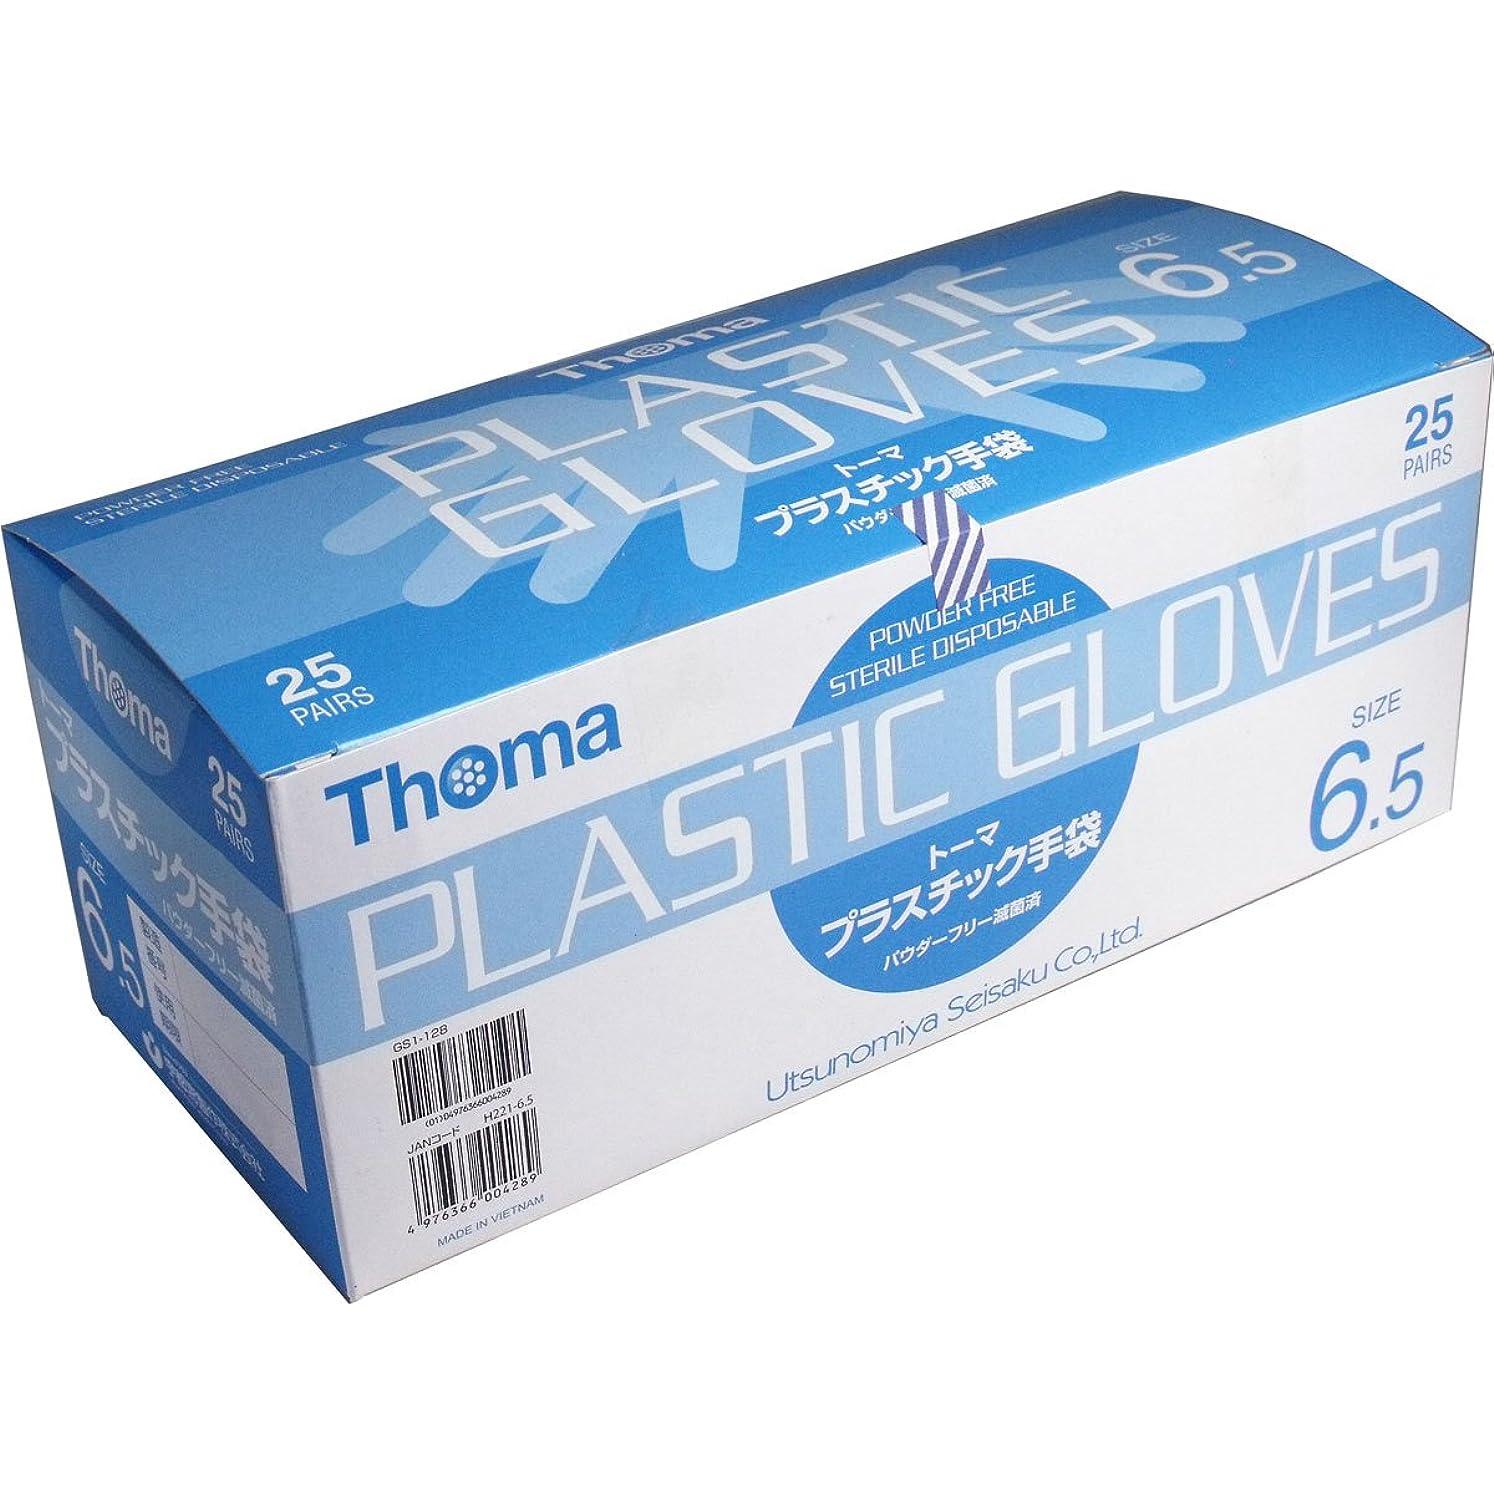 チャームぼんやりしたドアミラー超薄手プラスチック手袋 1双毎に滅菌包装、衛生的 便利 トーマ プラスチック手袋 パウダーフリー滅菌済 25双入 サイズ6.5【5個セット】